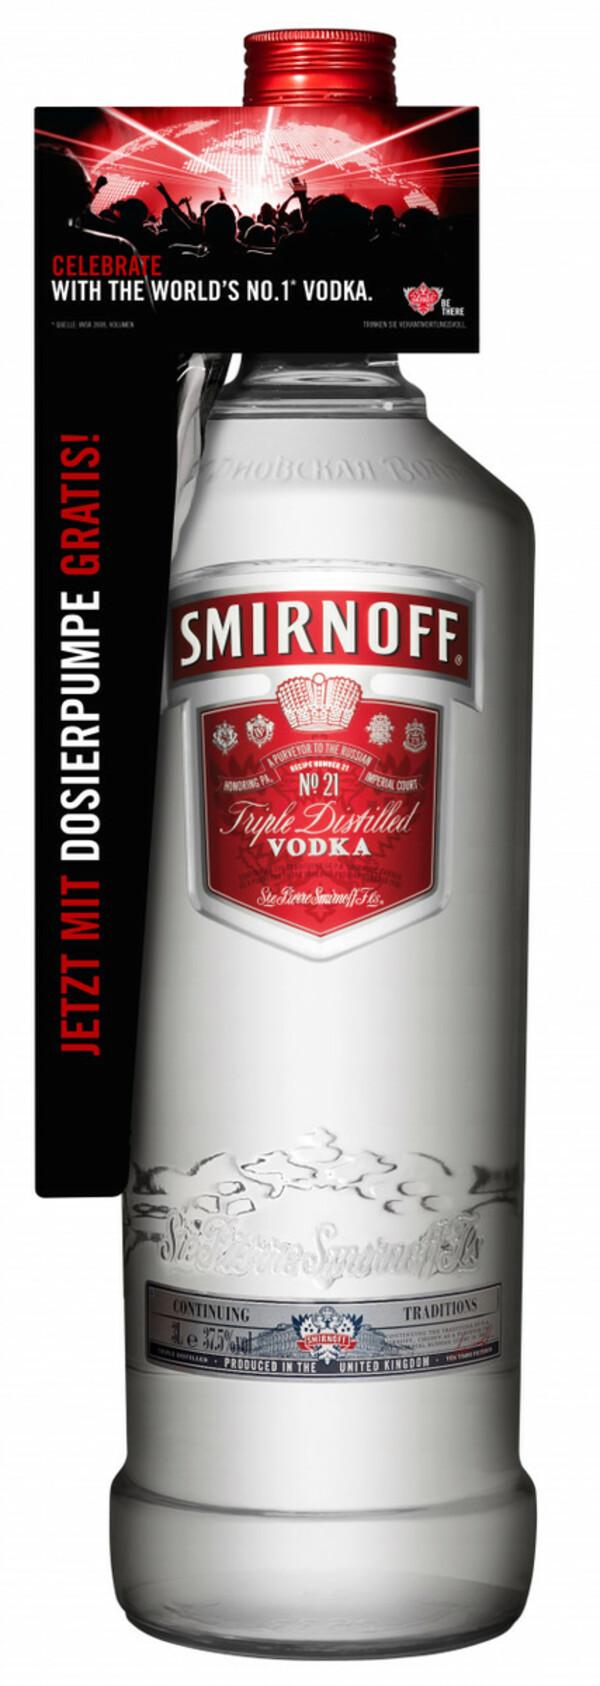 Smirnoff Red No. 21 Premium Vodka Triple Destilled - 3 L mit Pumpe